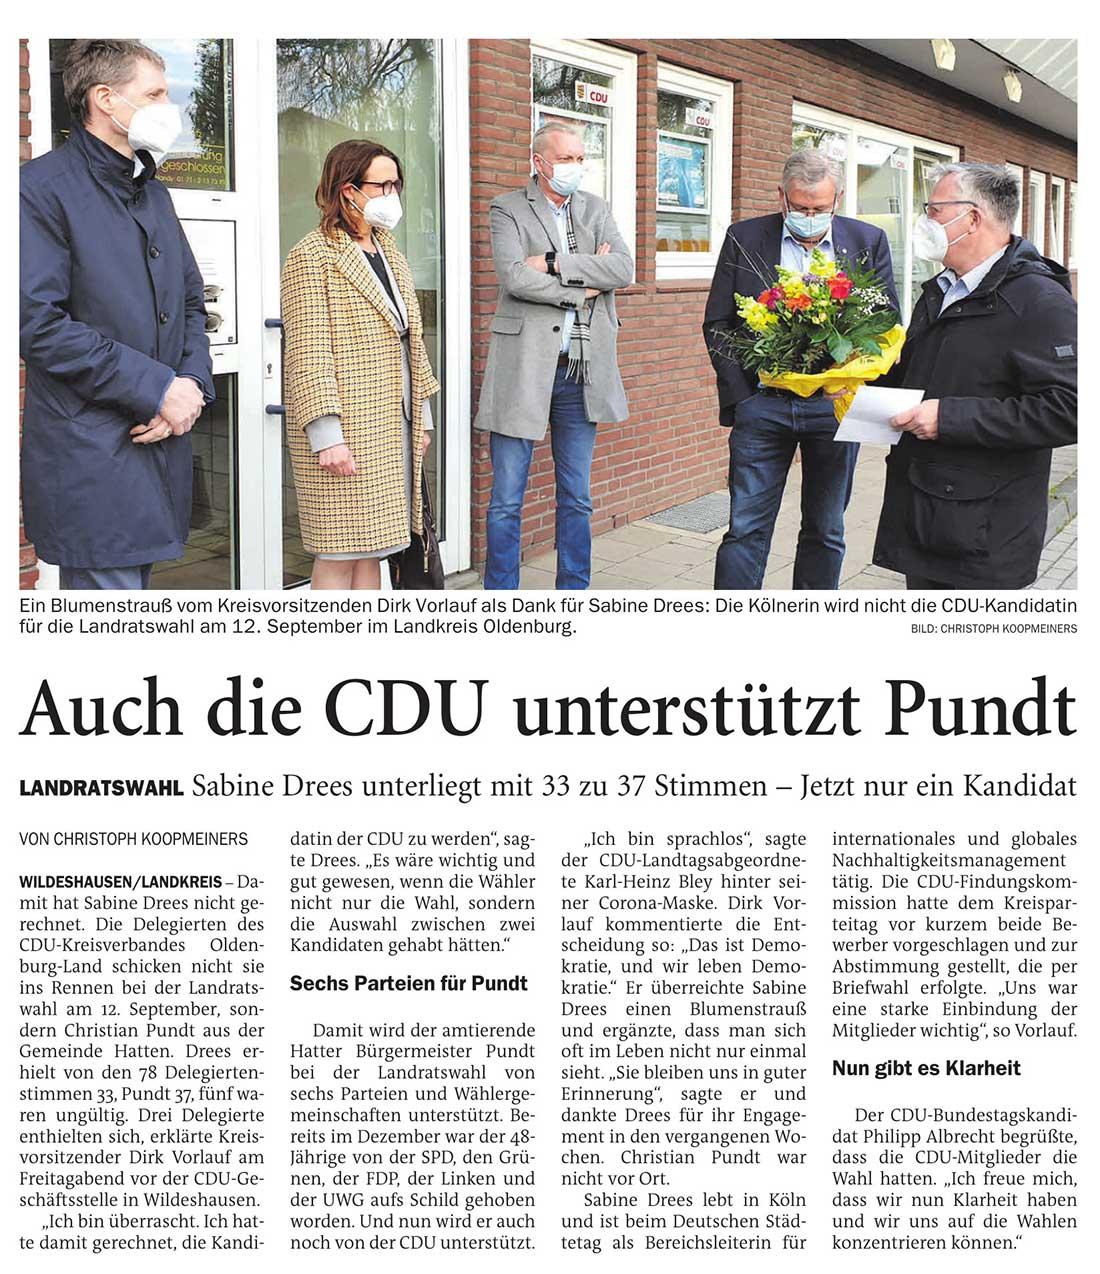 Auch die CDU unterstützt PundtLandratswahl: Sabine Drees unterliegt mit 33 zu 37 Stimmen - Jetzt nur ein KandidatArtikel vom 08.05.2021 (NWZ)